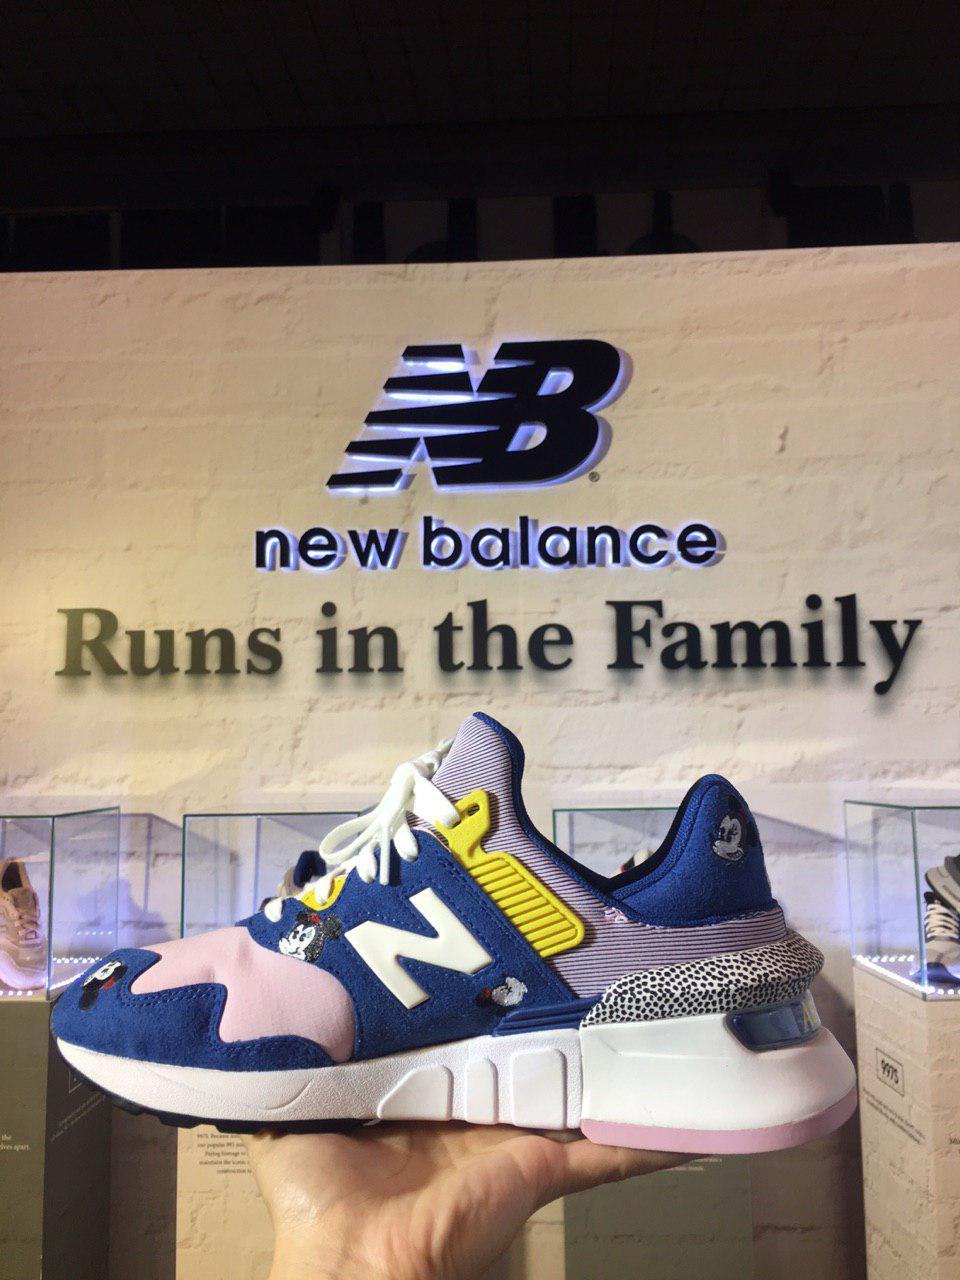 New Balance khuấy đảo Sneaker Fest 2019 với những siêu phẩm giày độc đáo! - Ảnh 10.